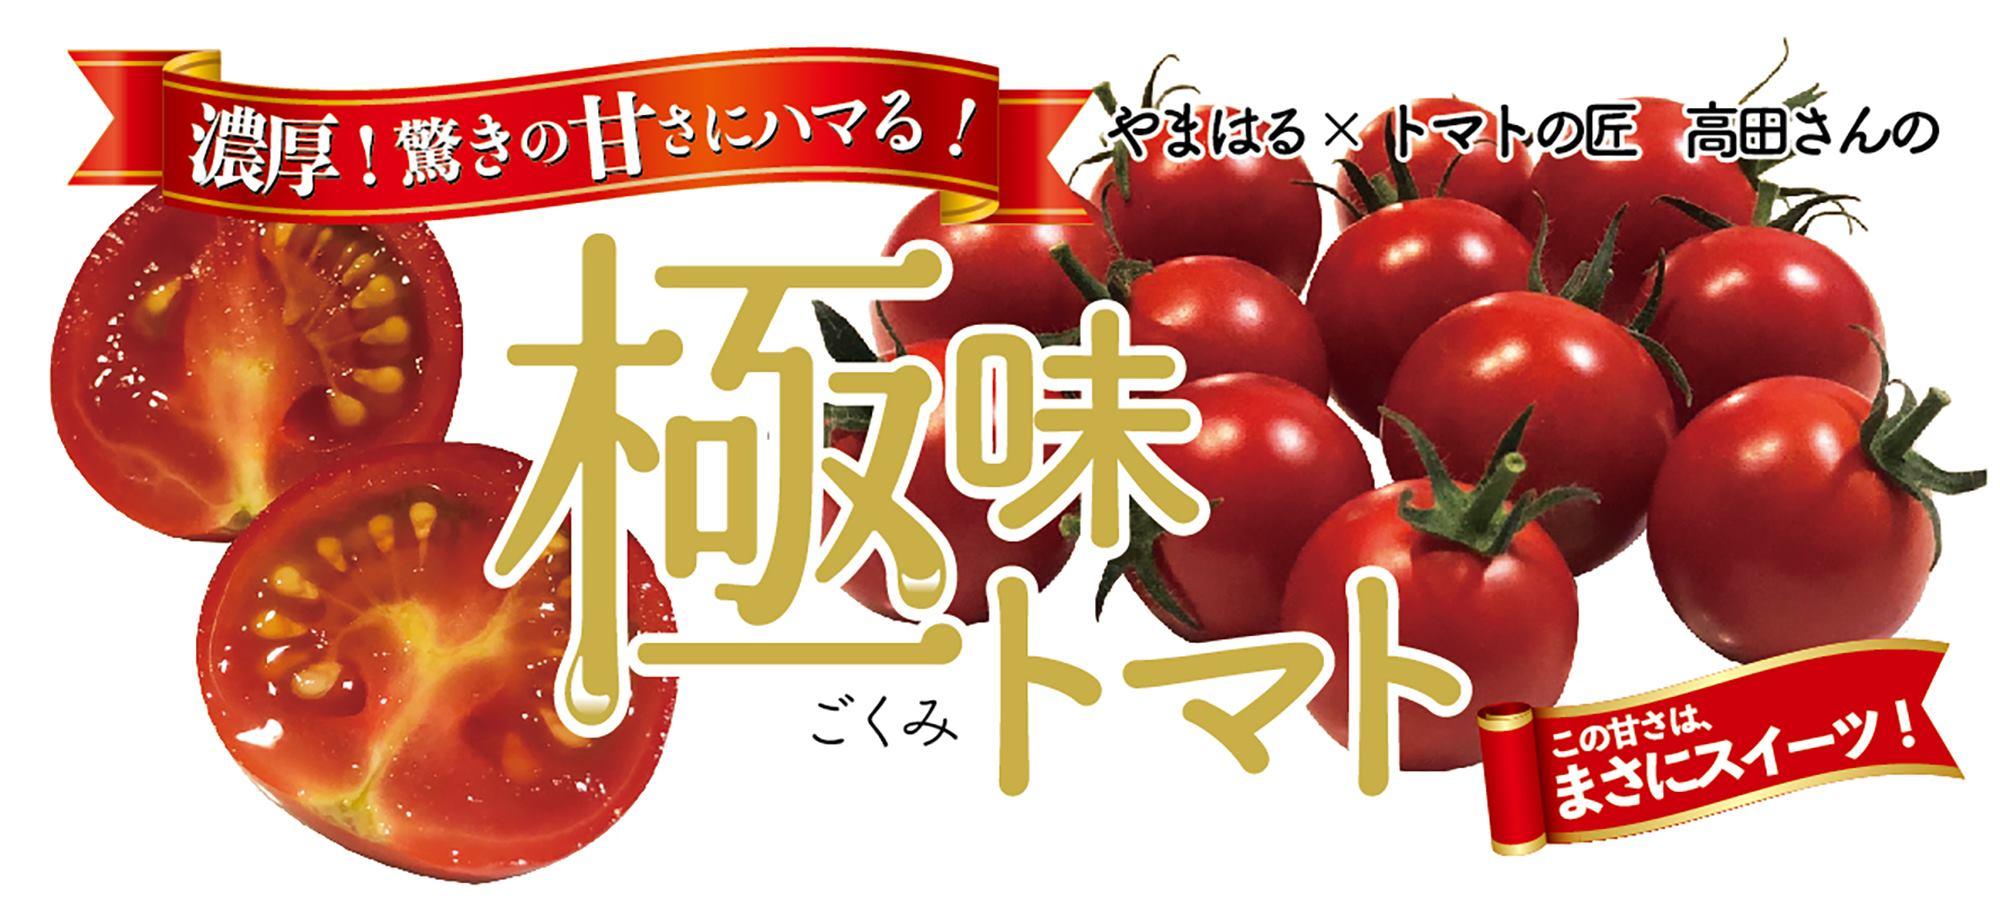 生鮮食品スーパー やまはる 極味トマト